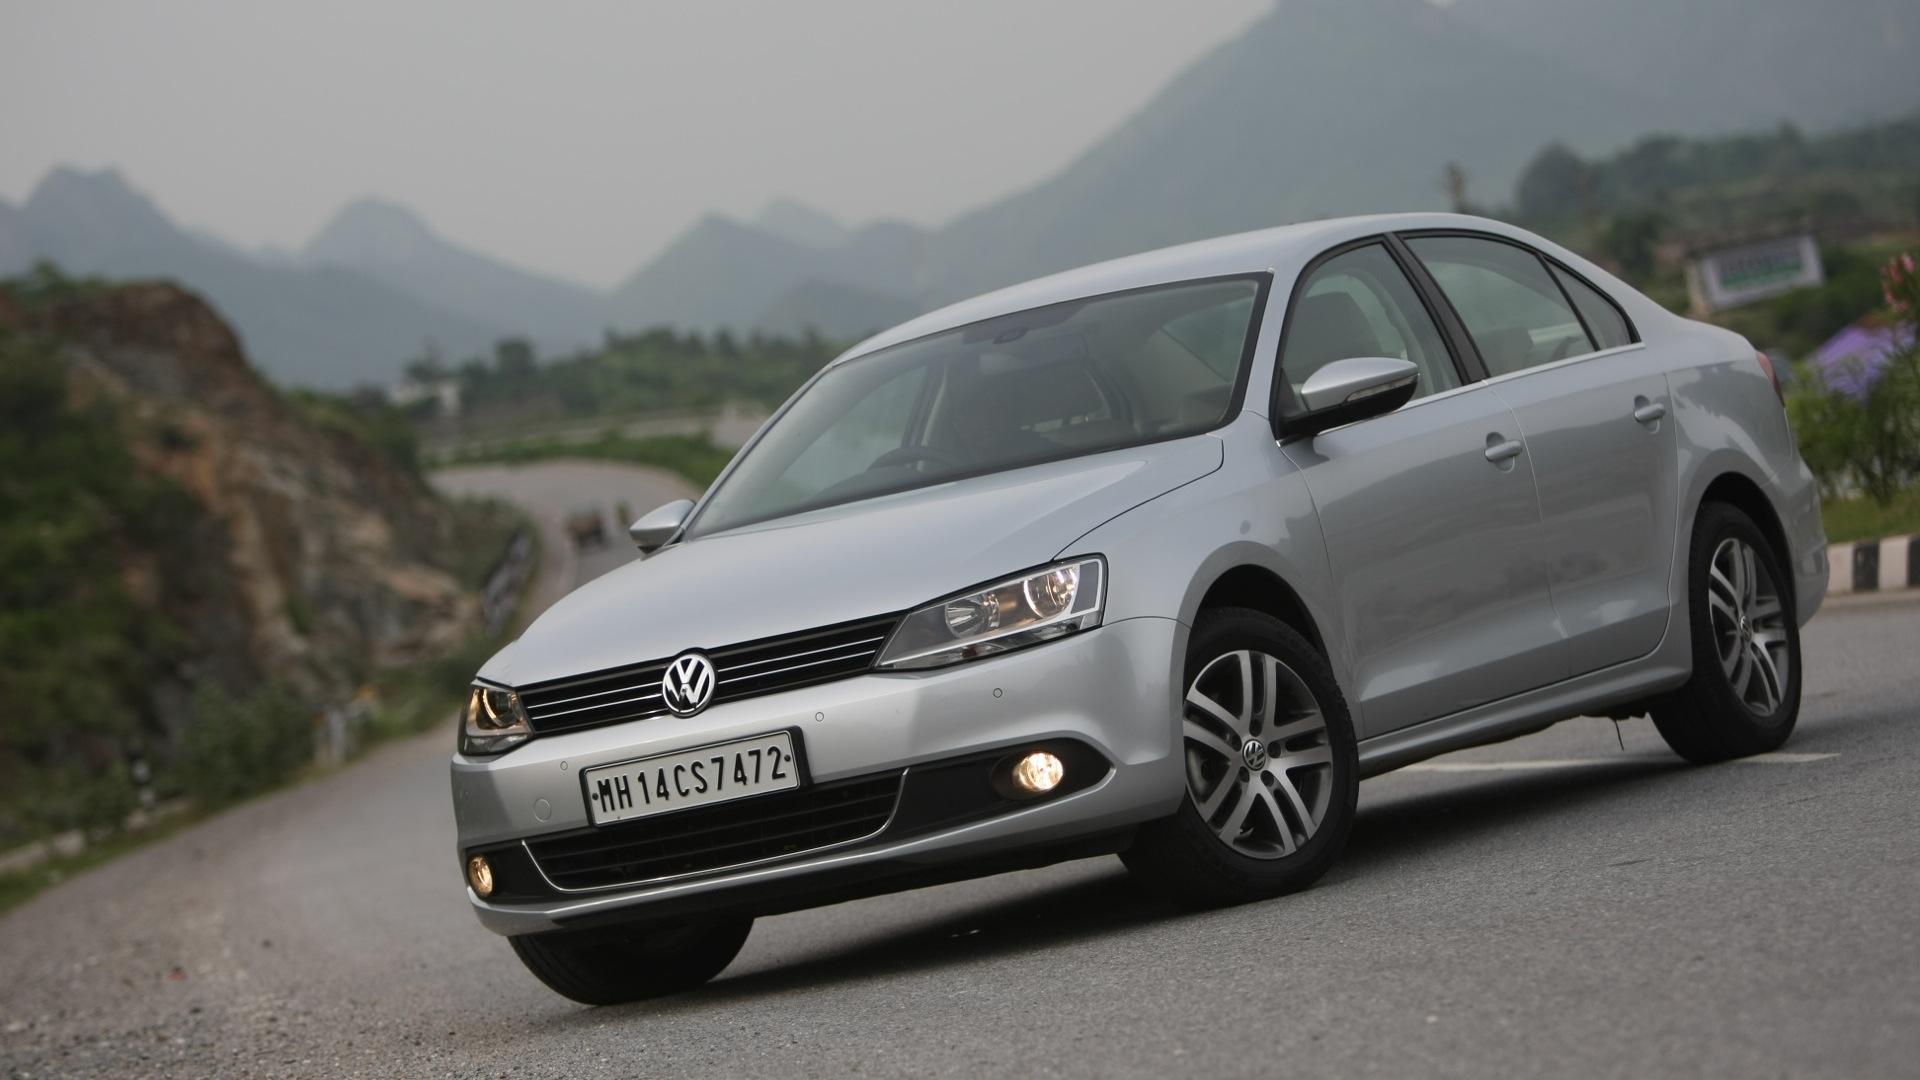 Volkswagen-Jetta-2011-2-0-Trendline-M-Exterior